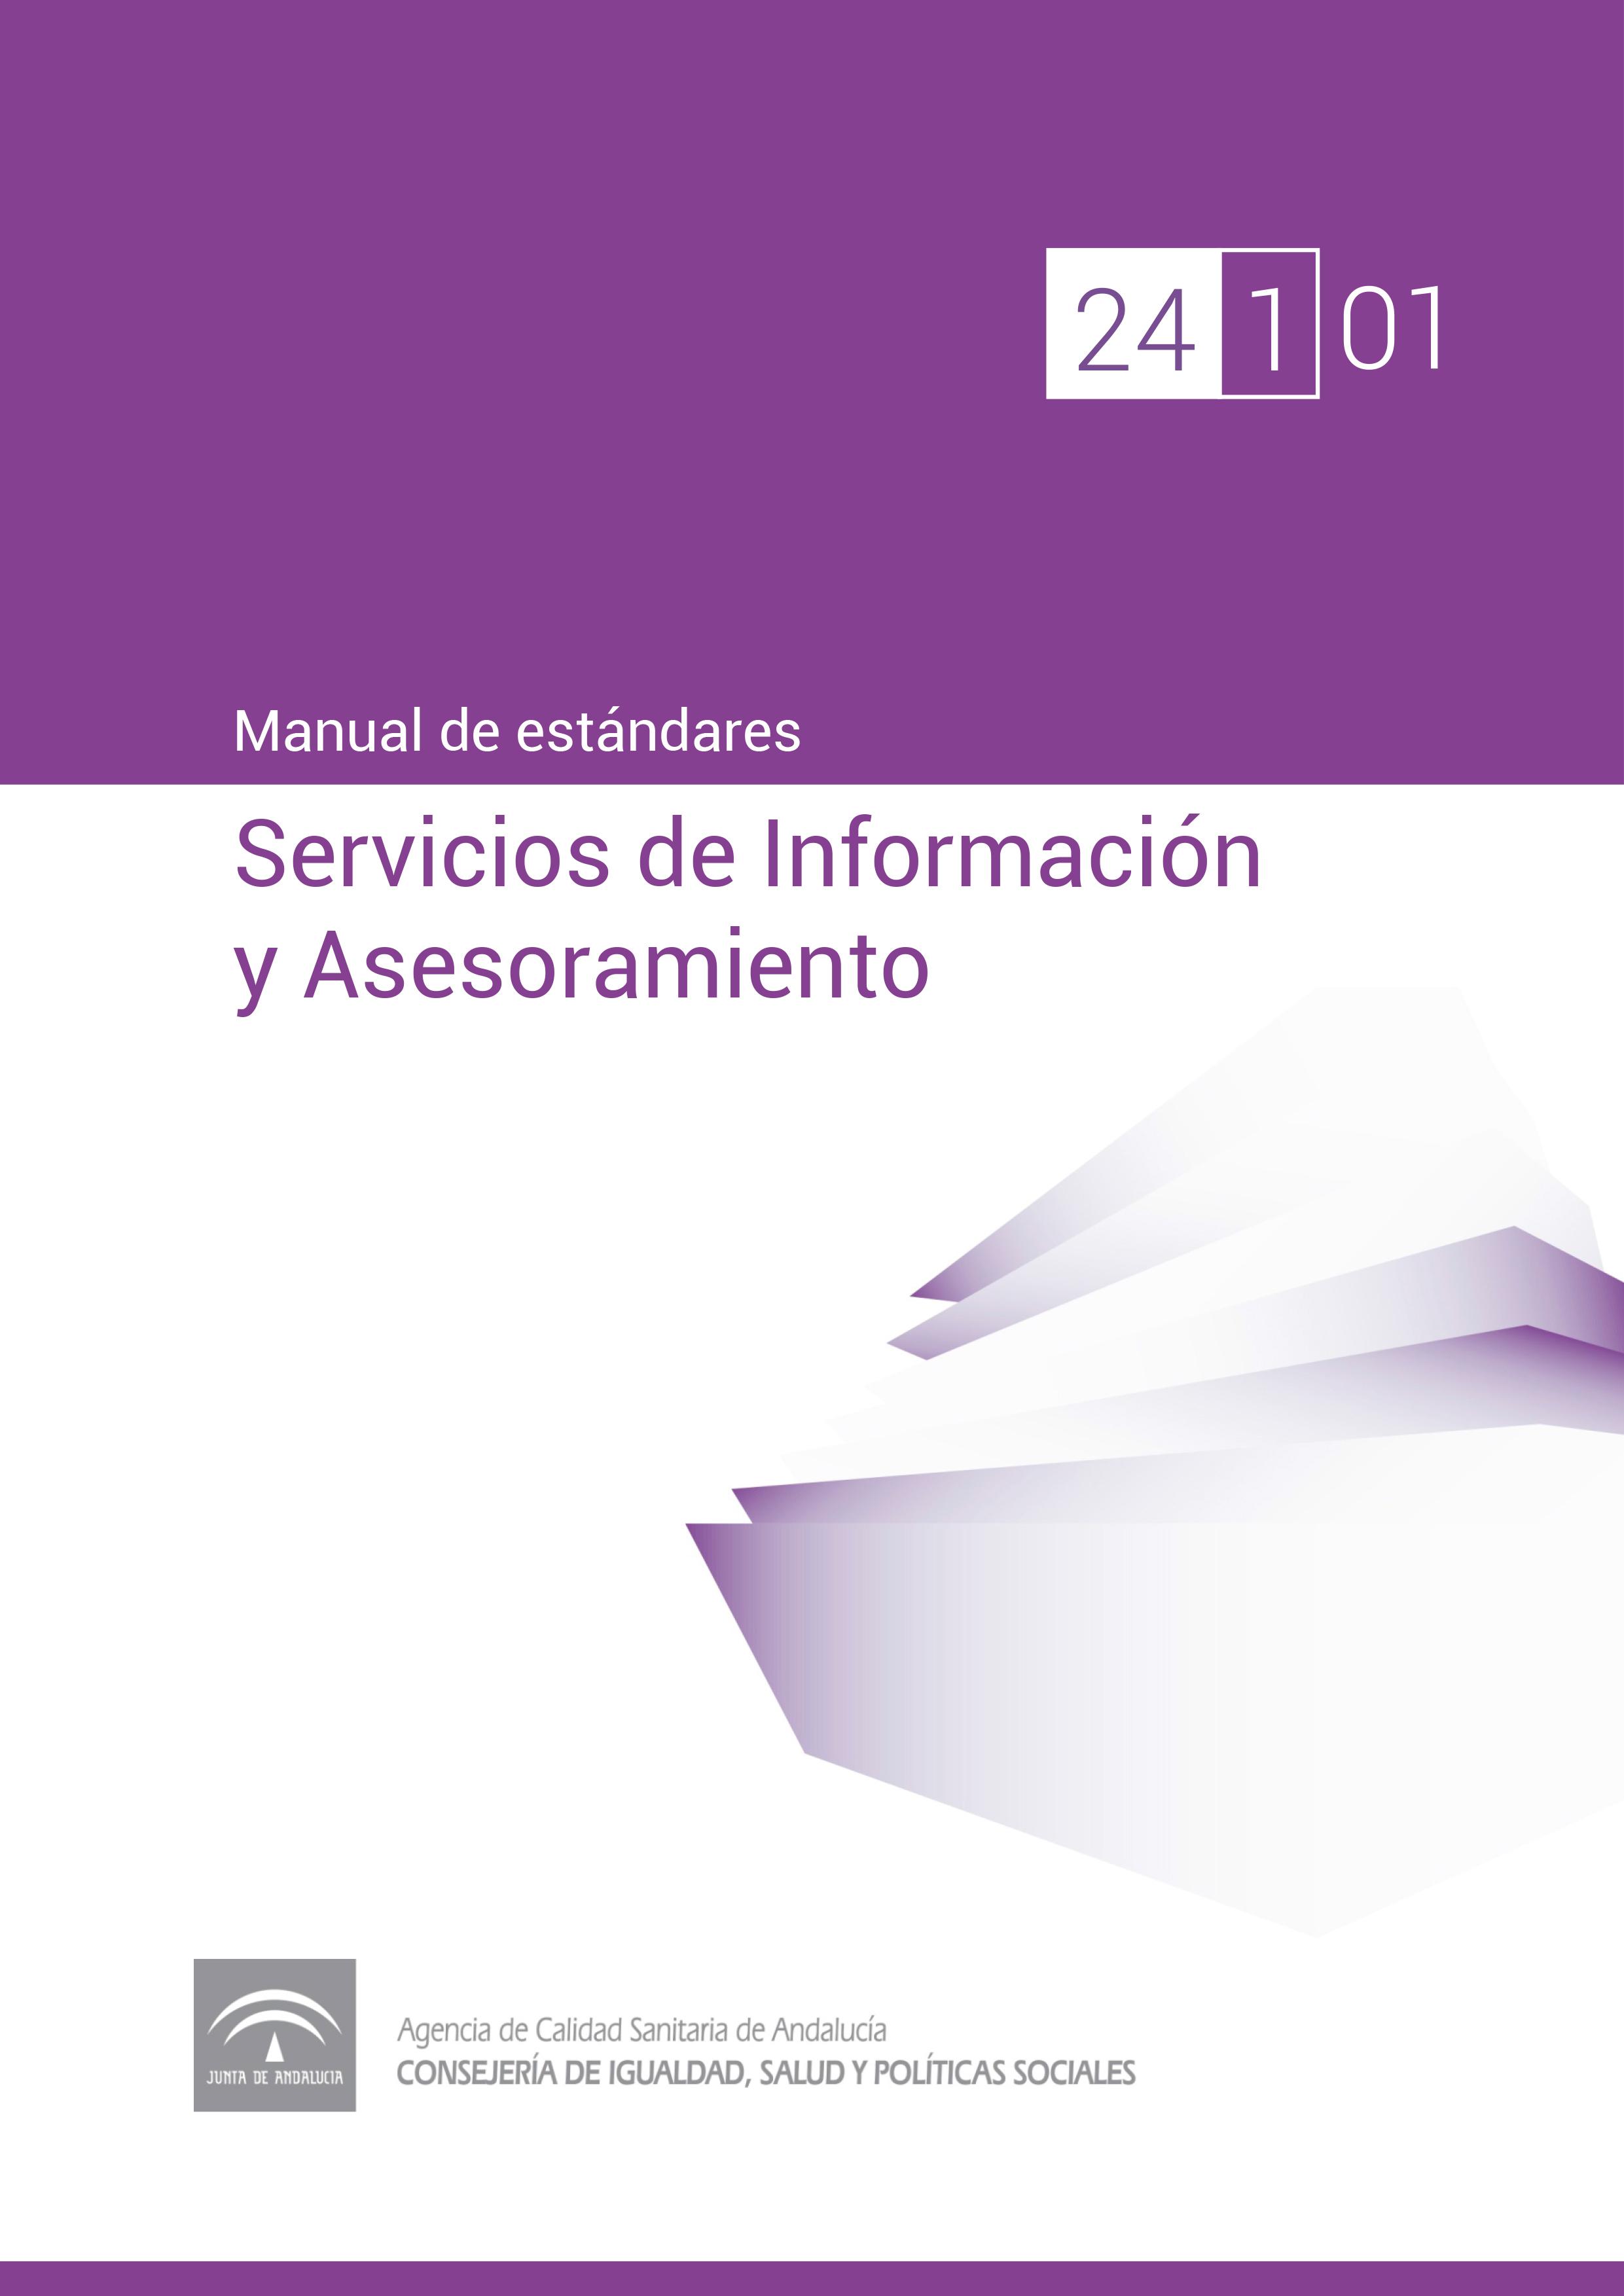 Programa de certificación de Servicios de información y asesoramiento